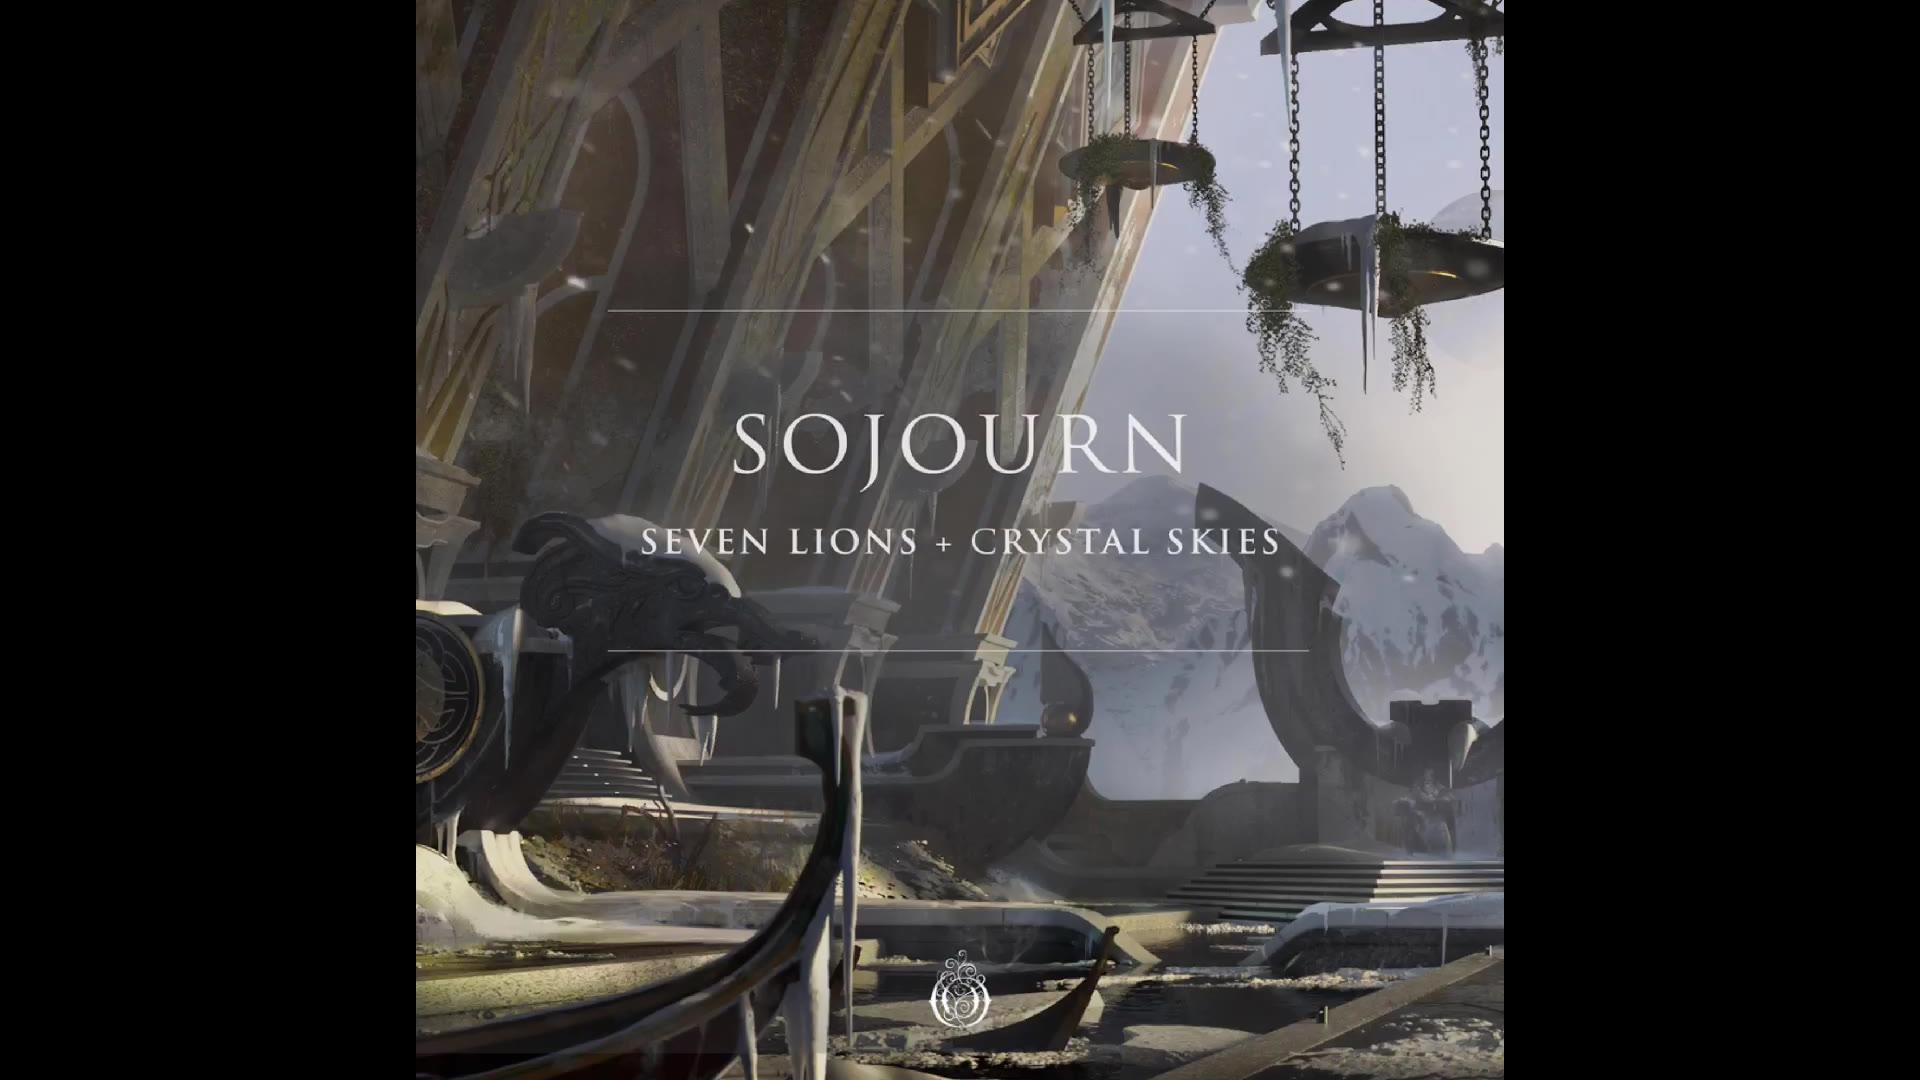 【BGM是本体】Sojourn - Sven Lions/Crystal Skies